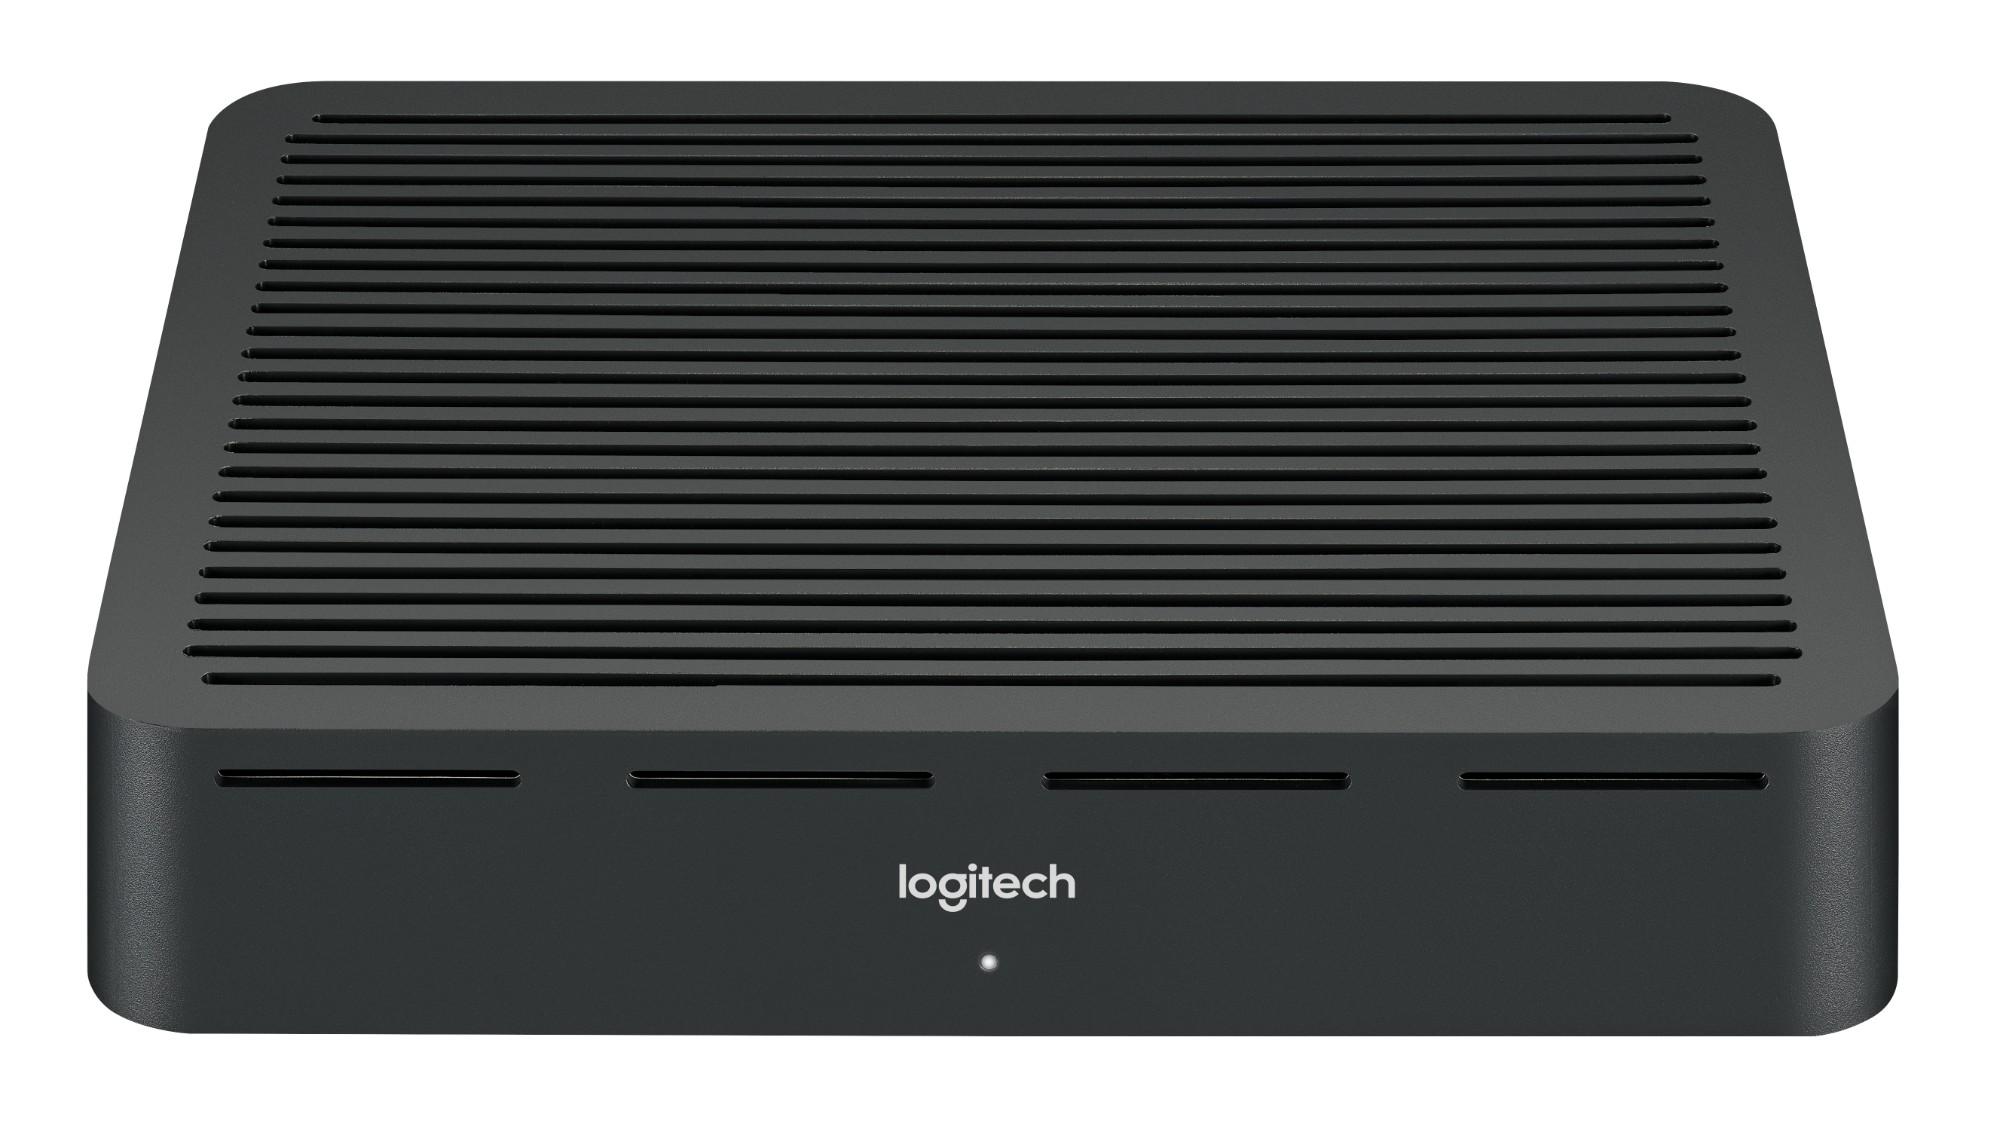 Logitech 993-001951 accesorio para videoconferencia Negro